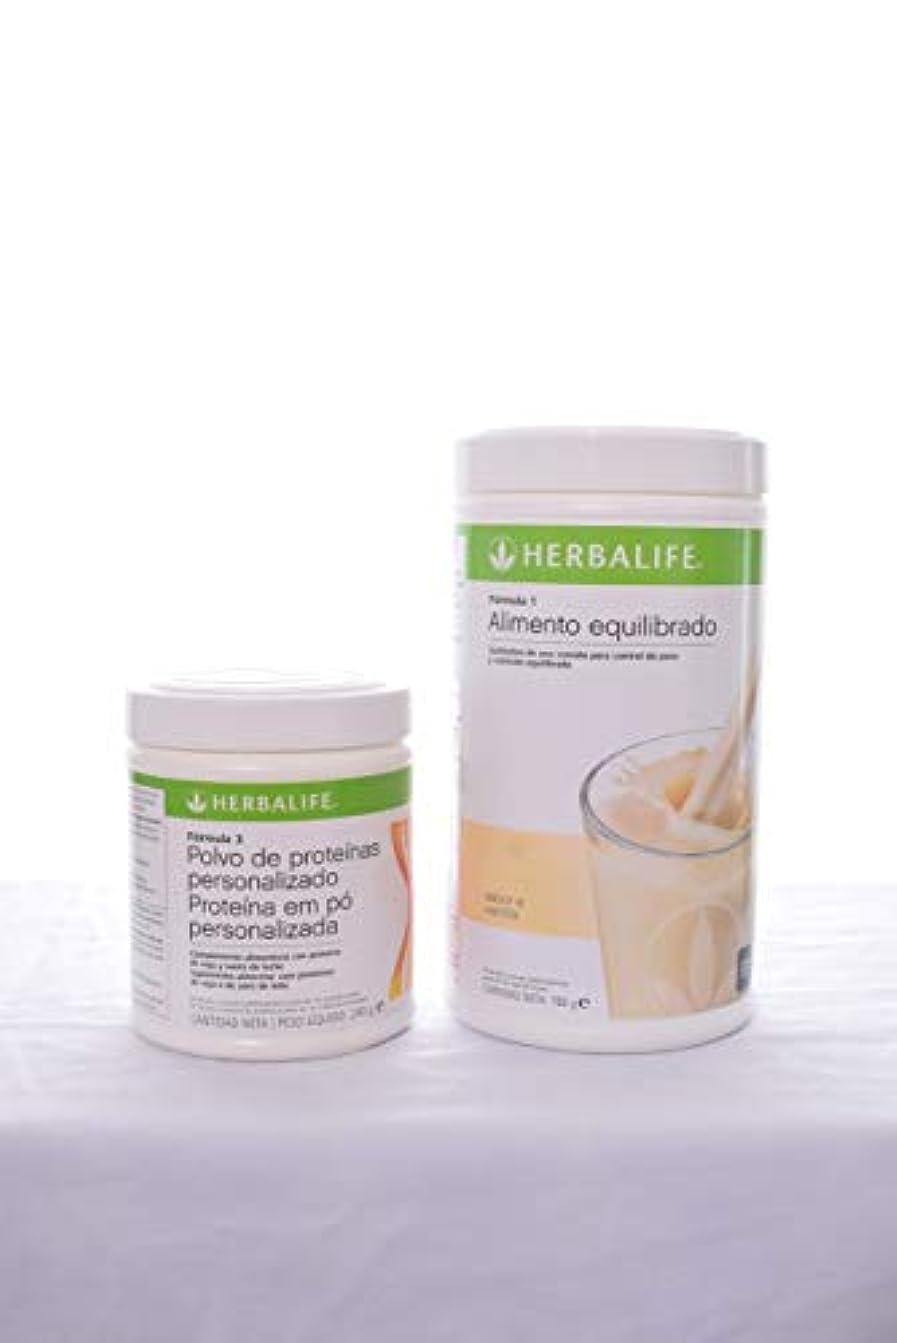 刺激するマトリックス重くするHerbalifeフォーミュラ1 Shake mix-dutchチョコレート( 750g ) +式2 Personalized Protein Powder ( PPP ) -360g Unflavoured。